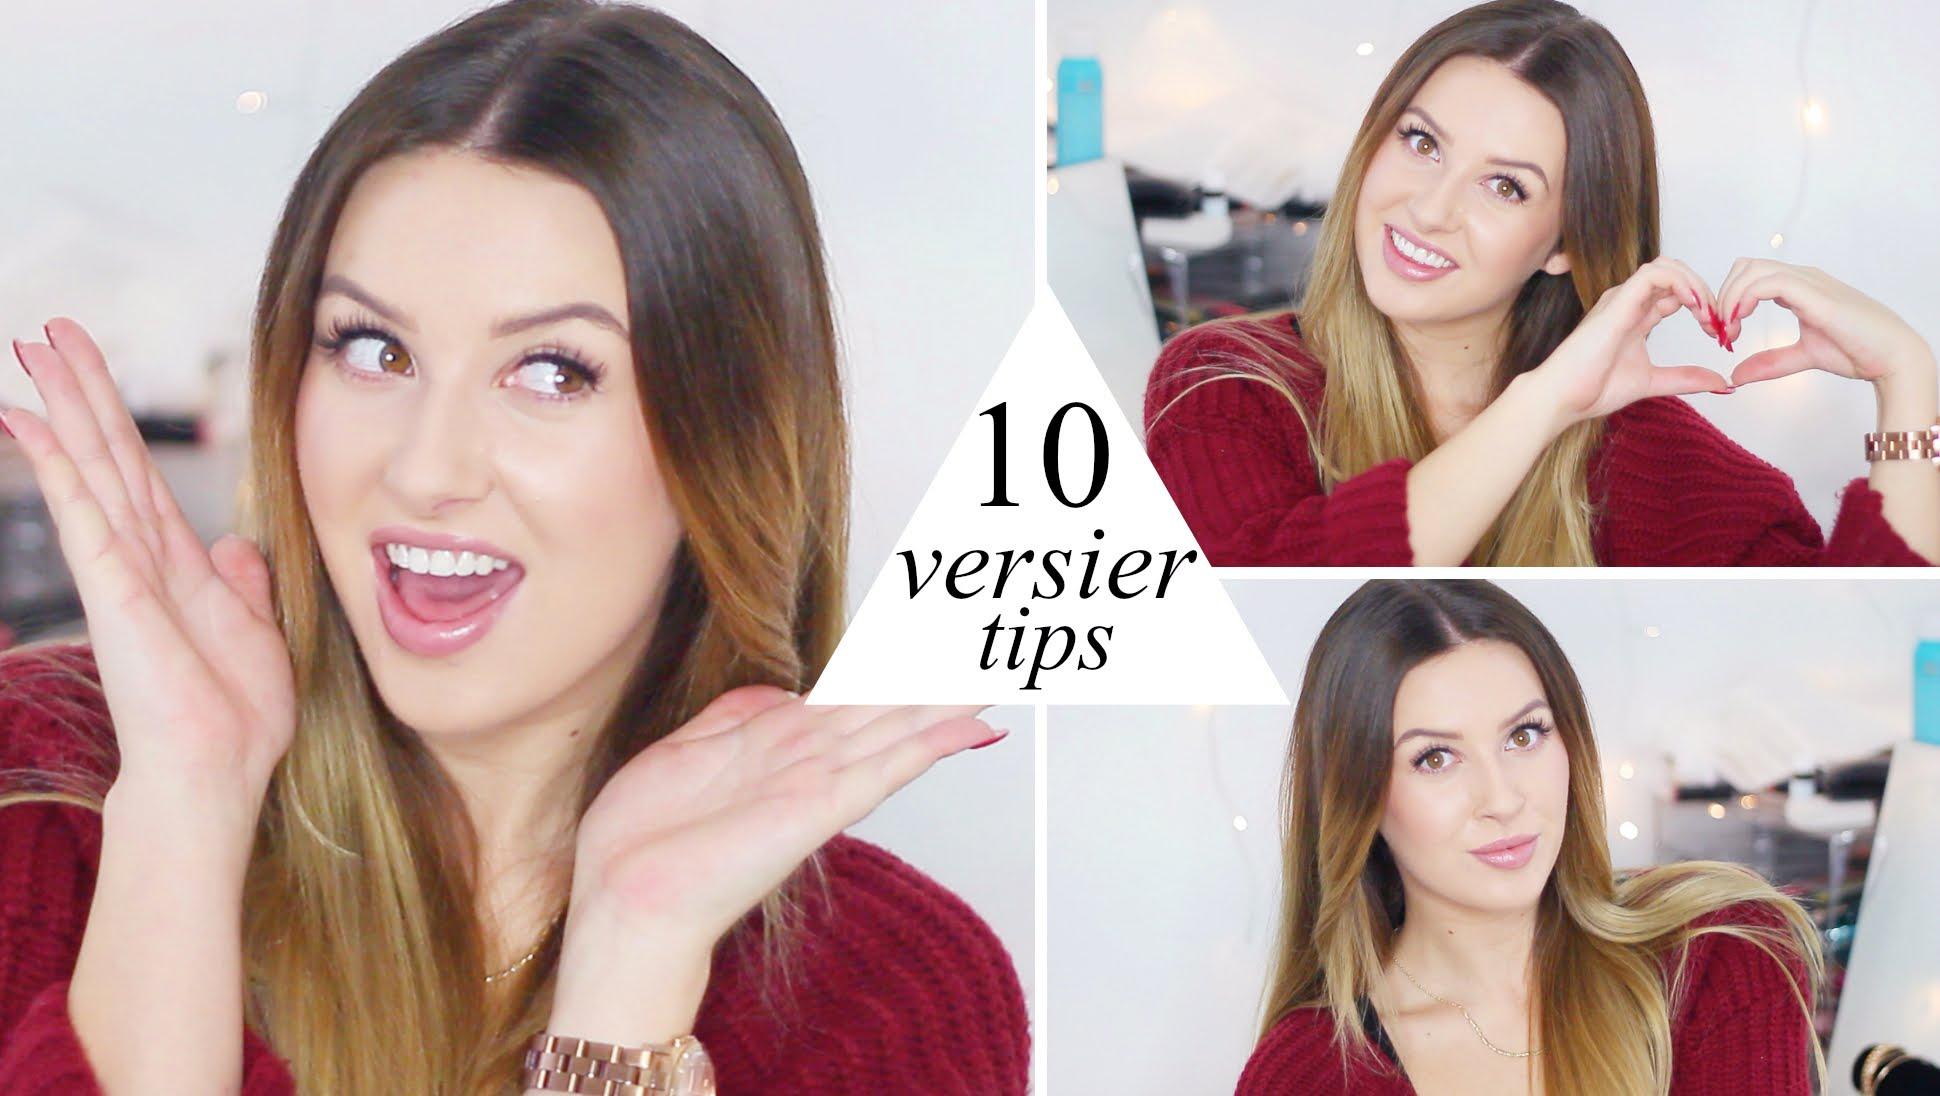 10 Versiertips | Do's & don'ts!